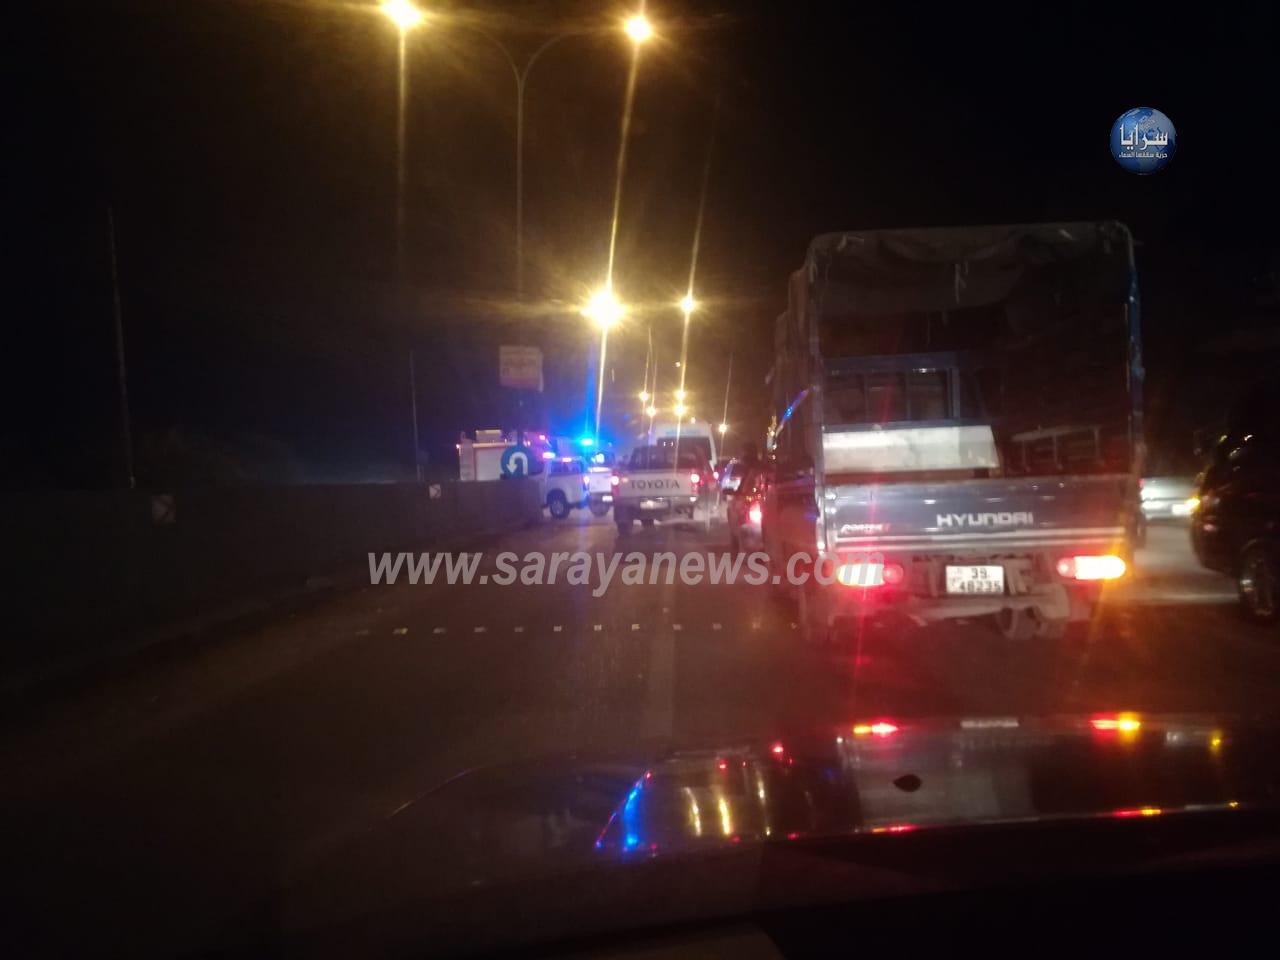 اصابة شخص اثر حادث تصادم بين مركبتين على طريق طلوع صافوط .. صور